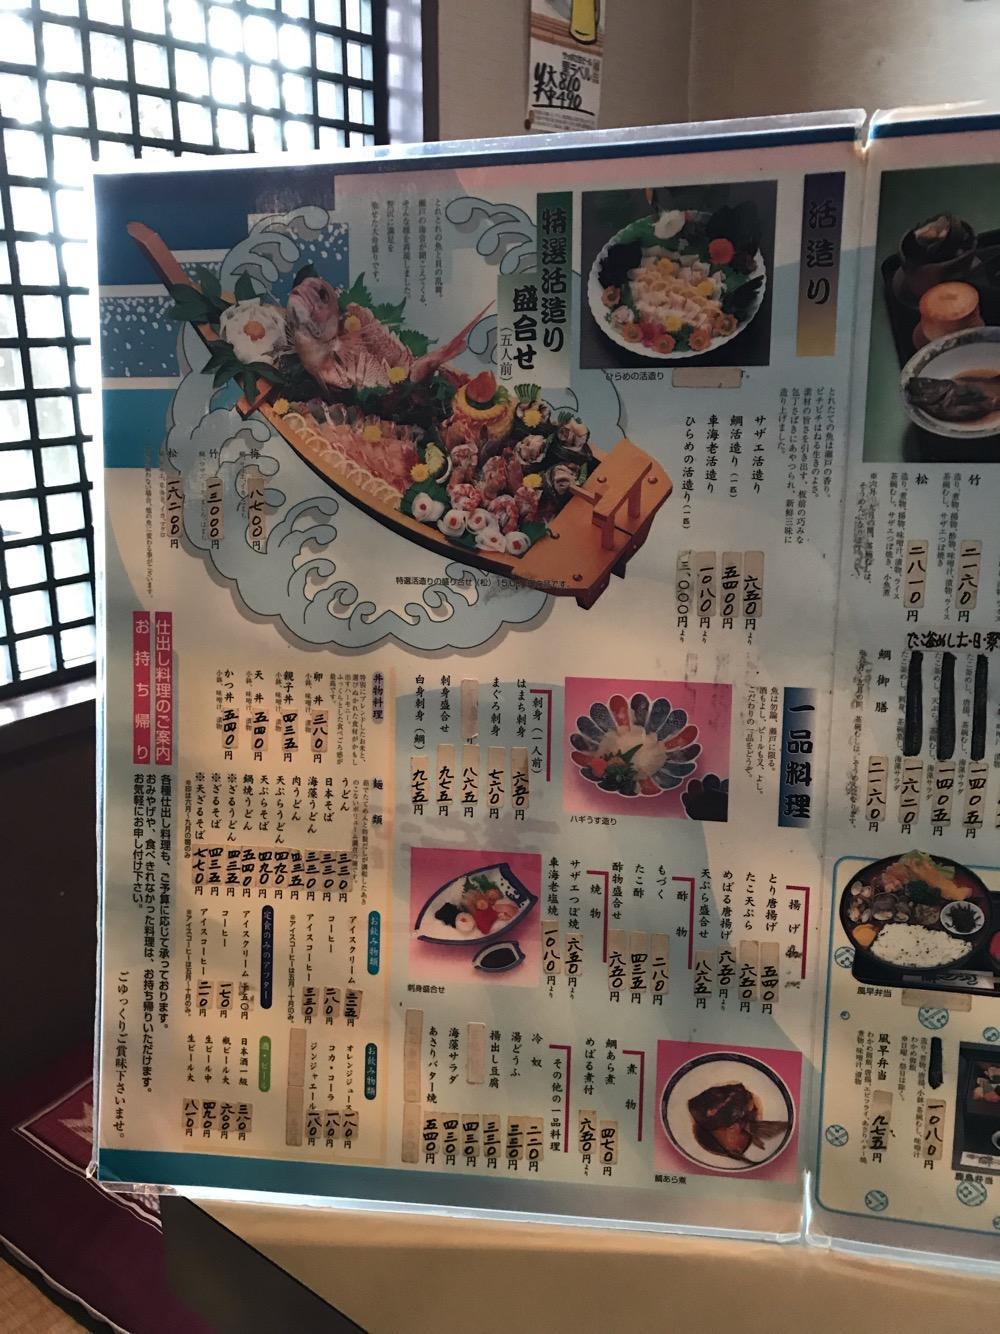 磯之河のメニュー(活造り、一品料理、丼物料理、お飲み物類)